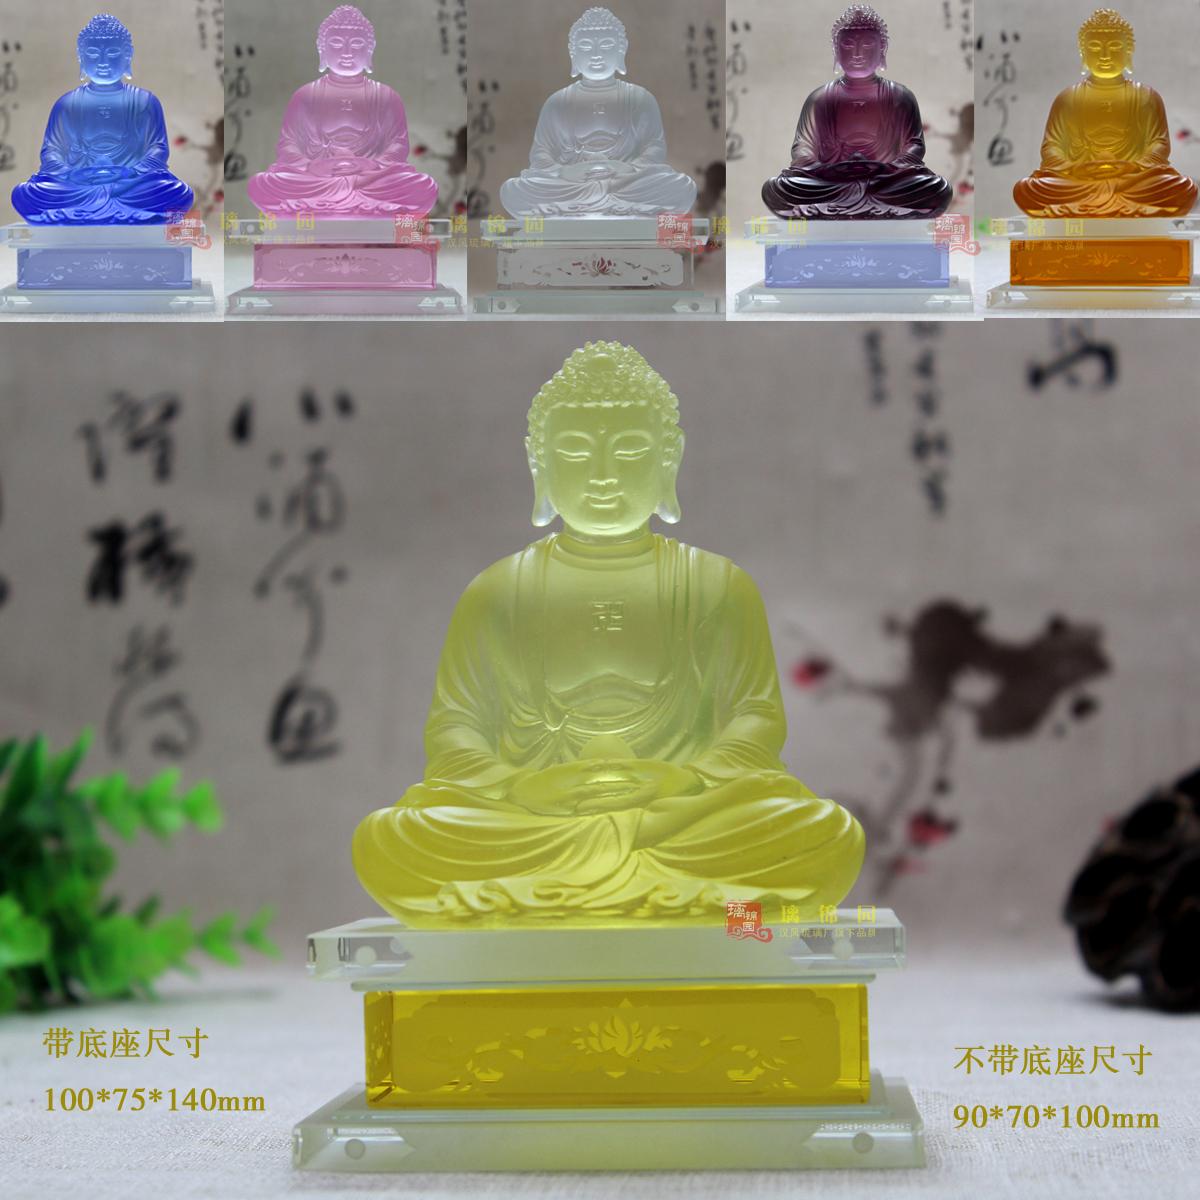 白色-無底座琉璃釋迦牟尼佛像釋迦摩尼佛像家居佛堂供奉擺件琉璃七如來佛祖